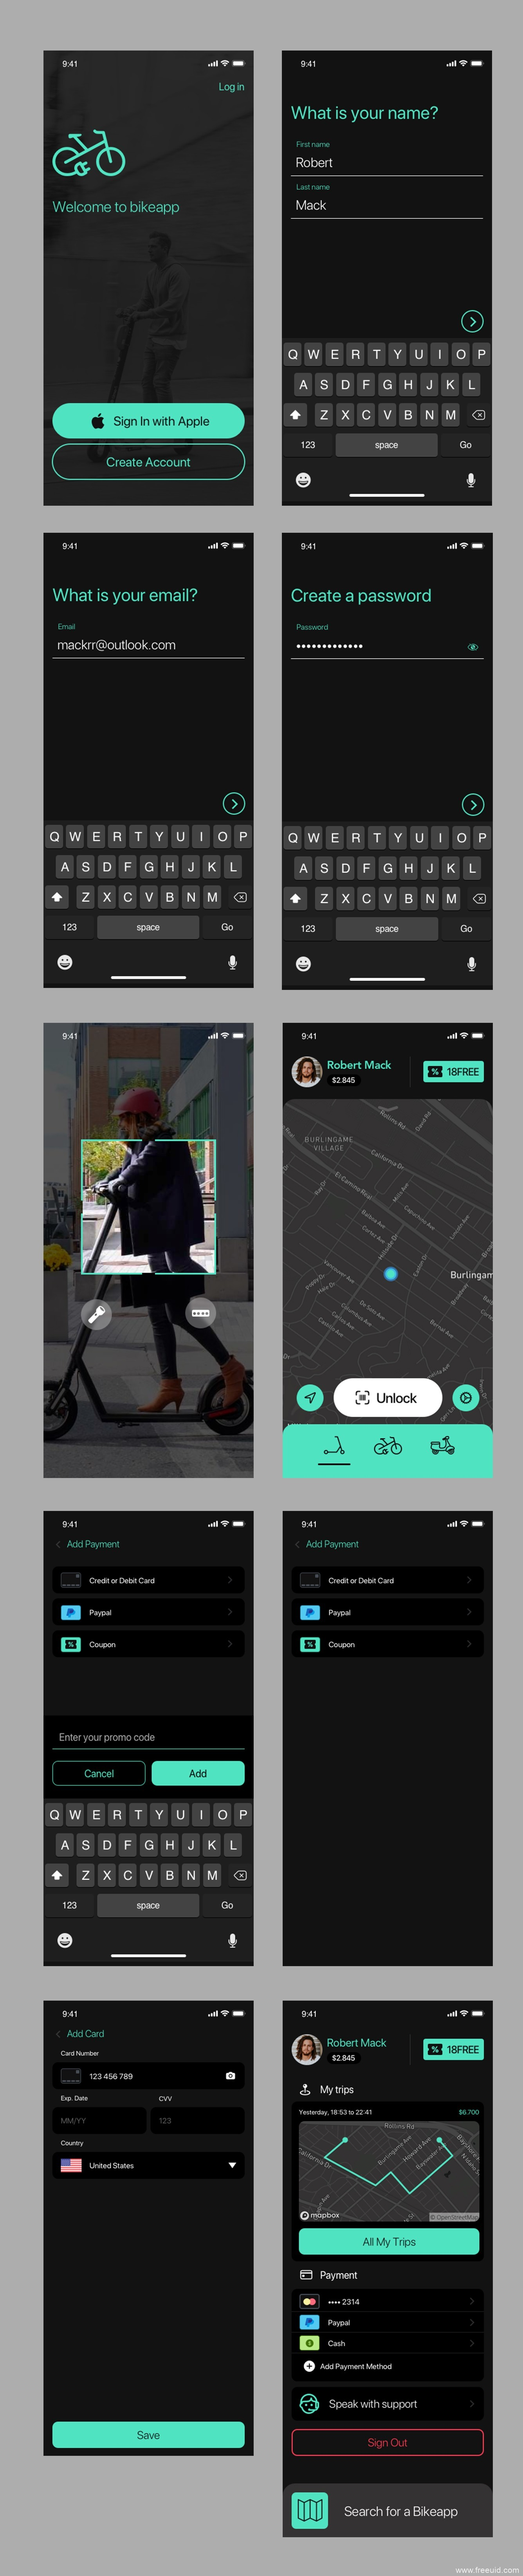 共享单车应用UI应用界面sketch源文件下载